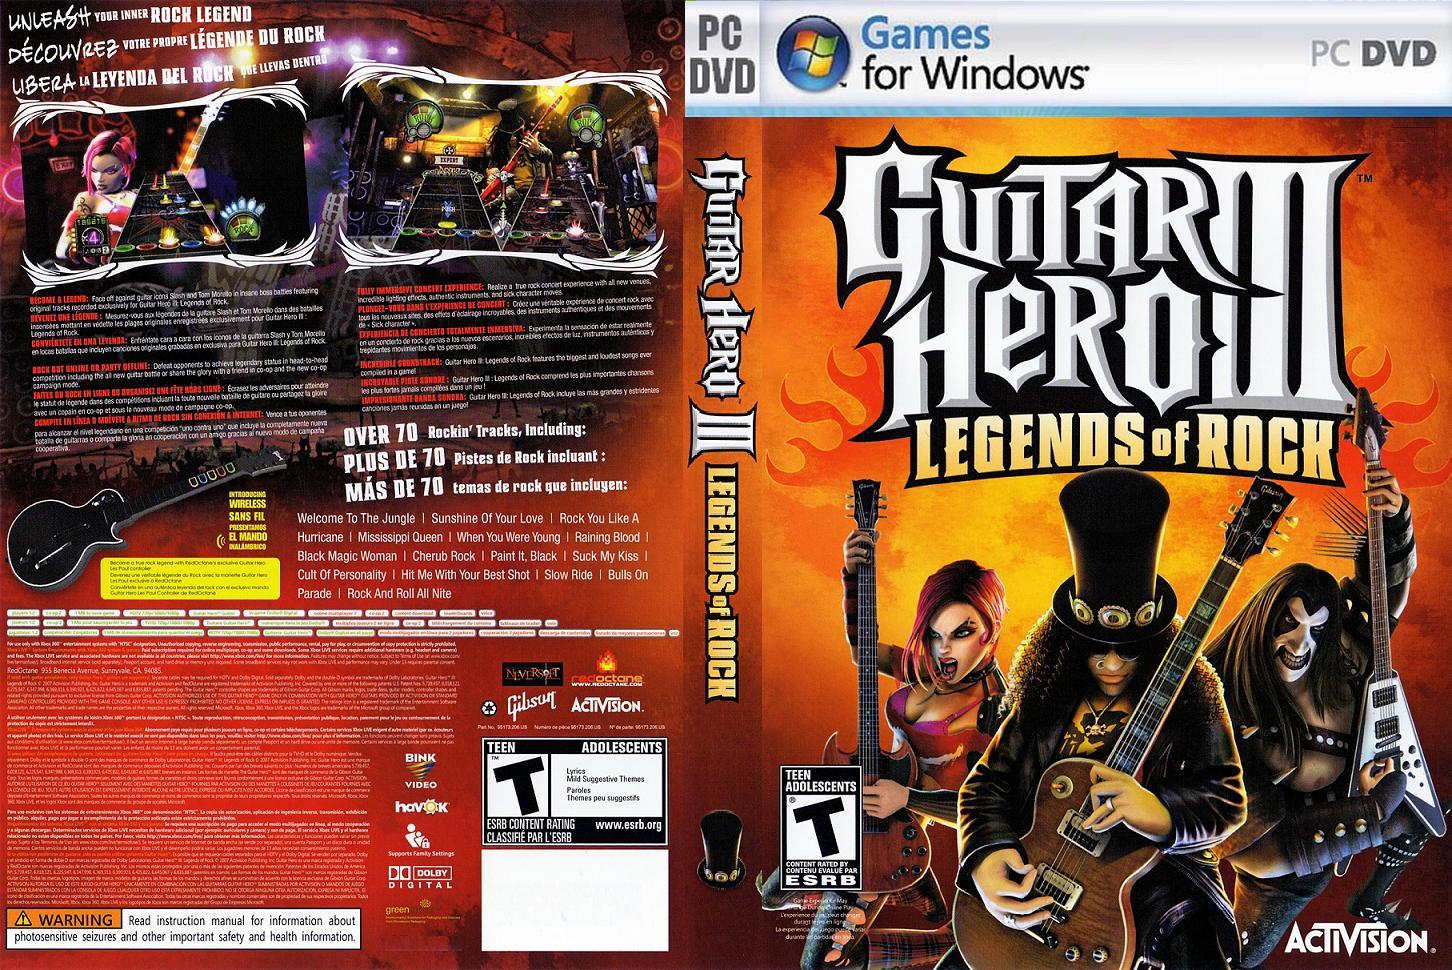 Guitar hero full game free pc, download, play. Guitar hero play.